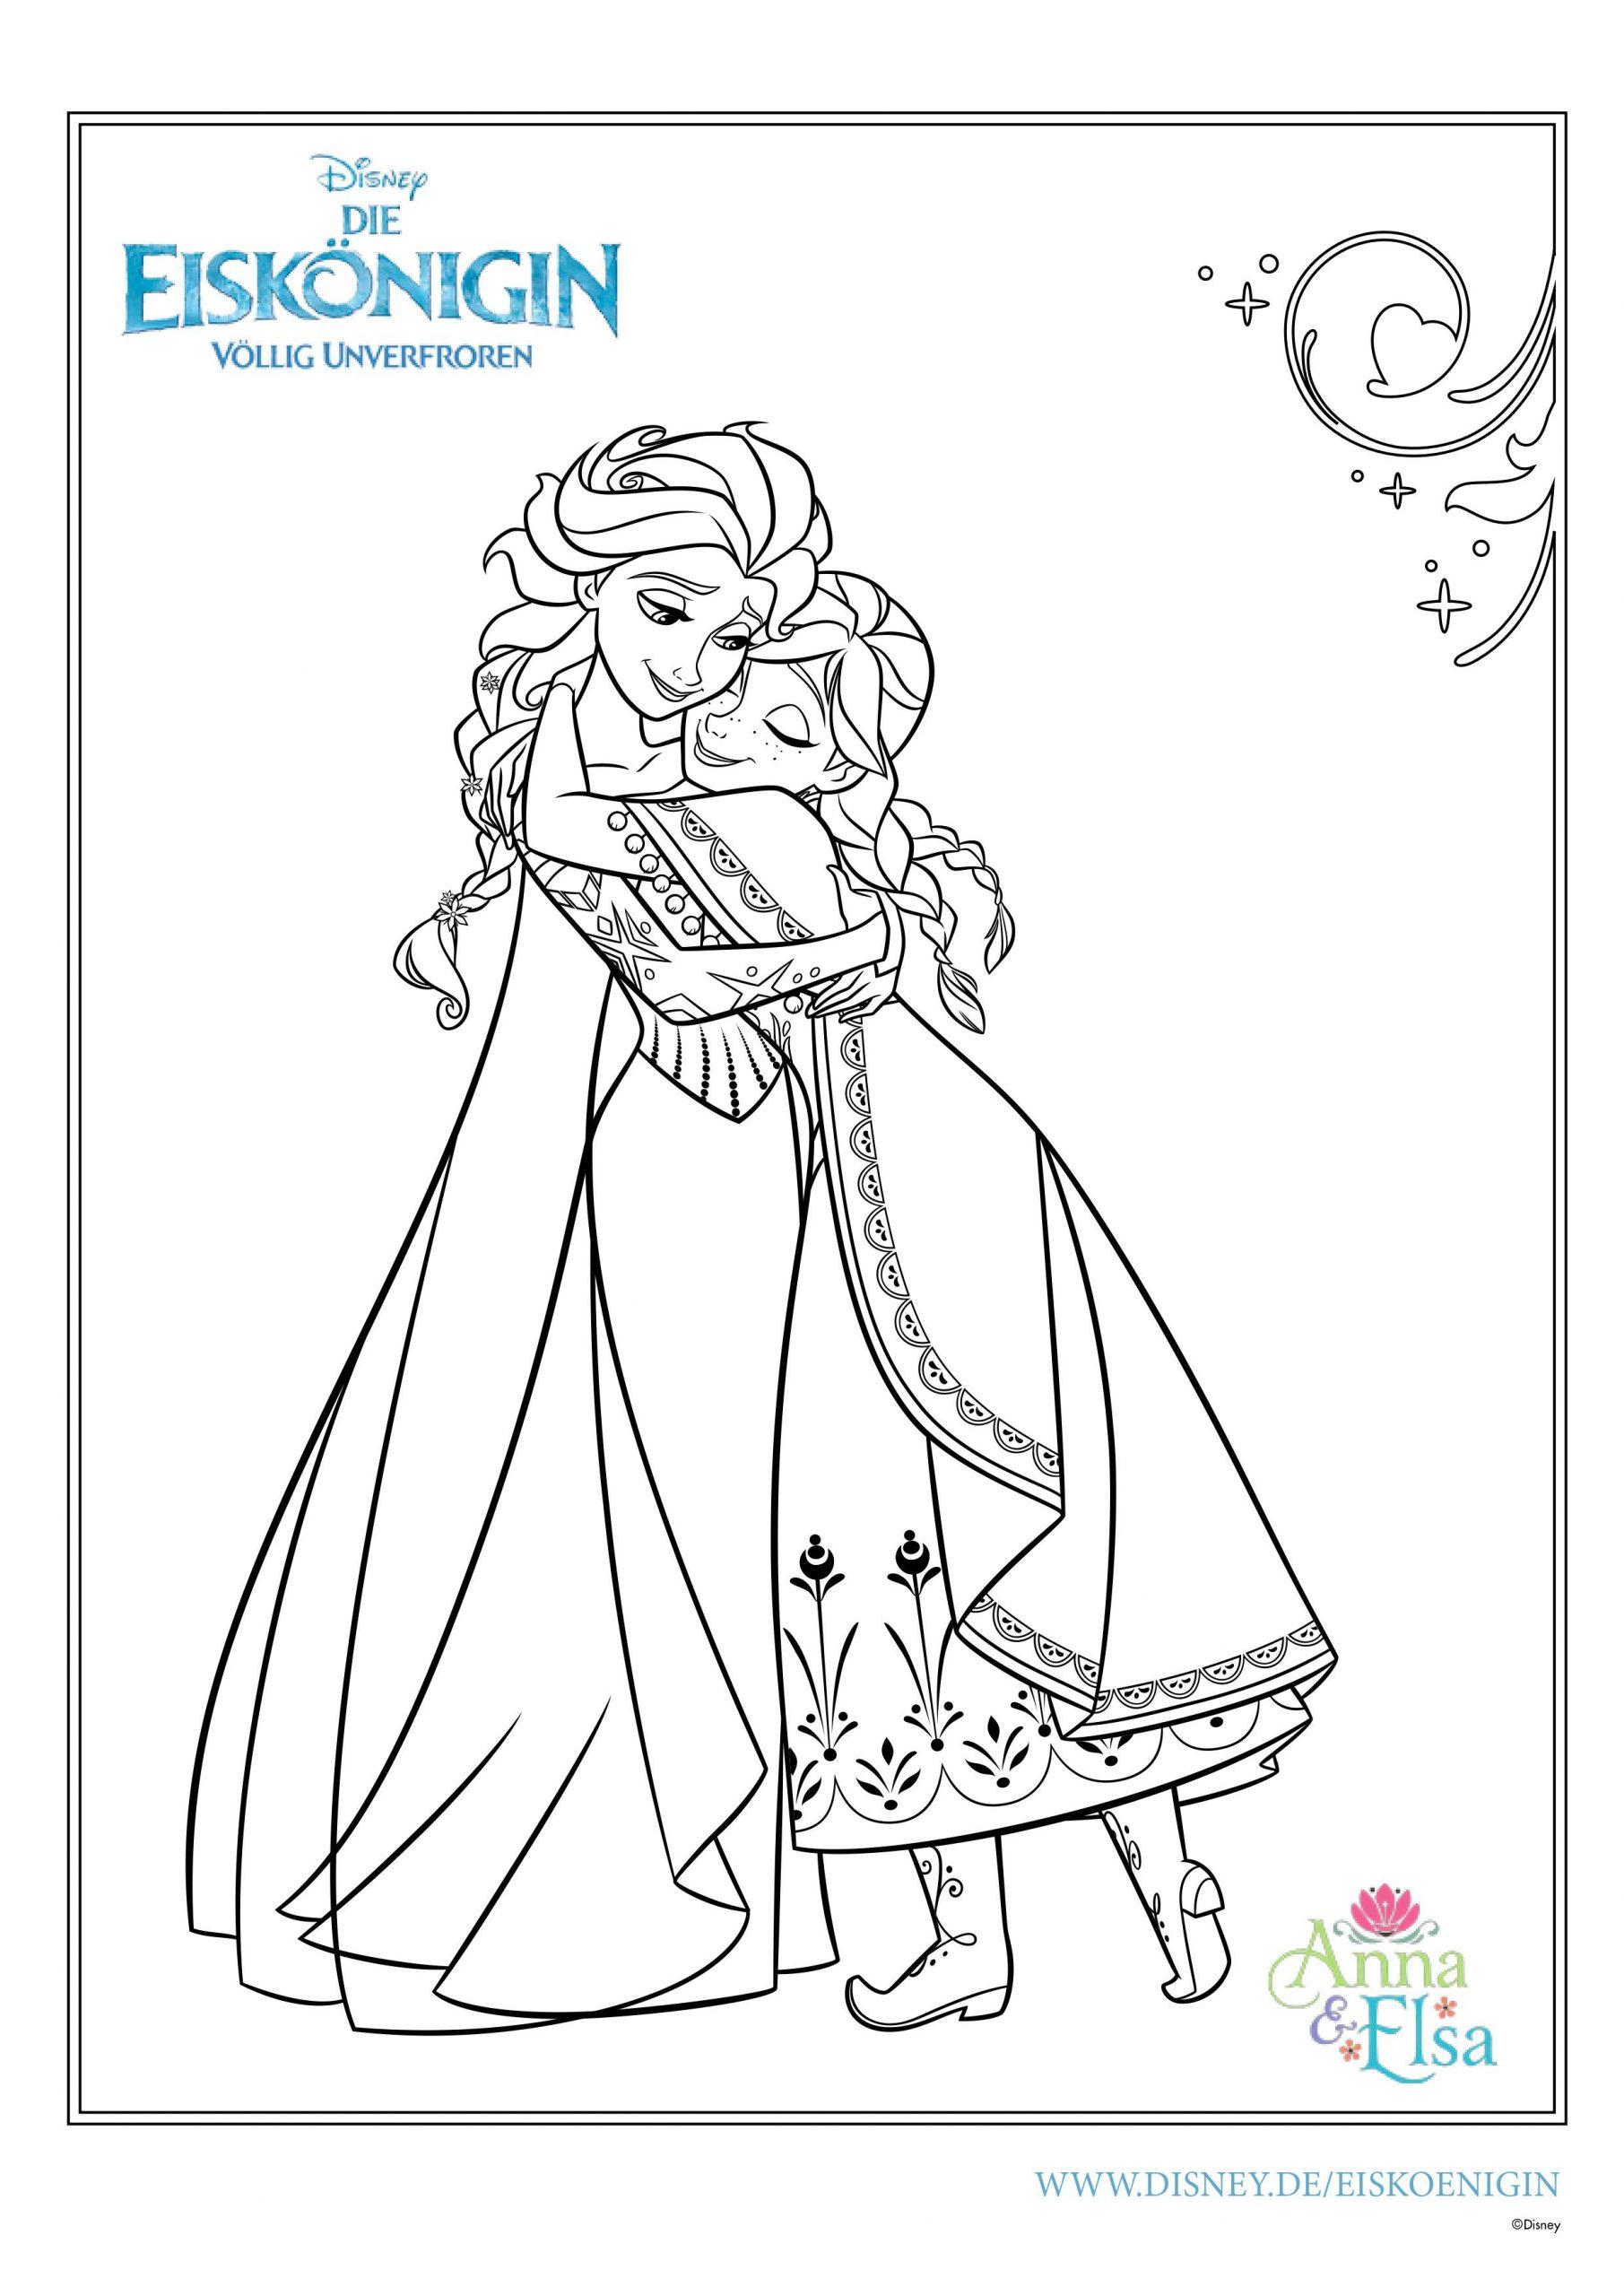 Ausmalbilder Eiskönigin | Mytoys-Blog verwandt mit Ausmalbilder Anna Und Elsa